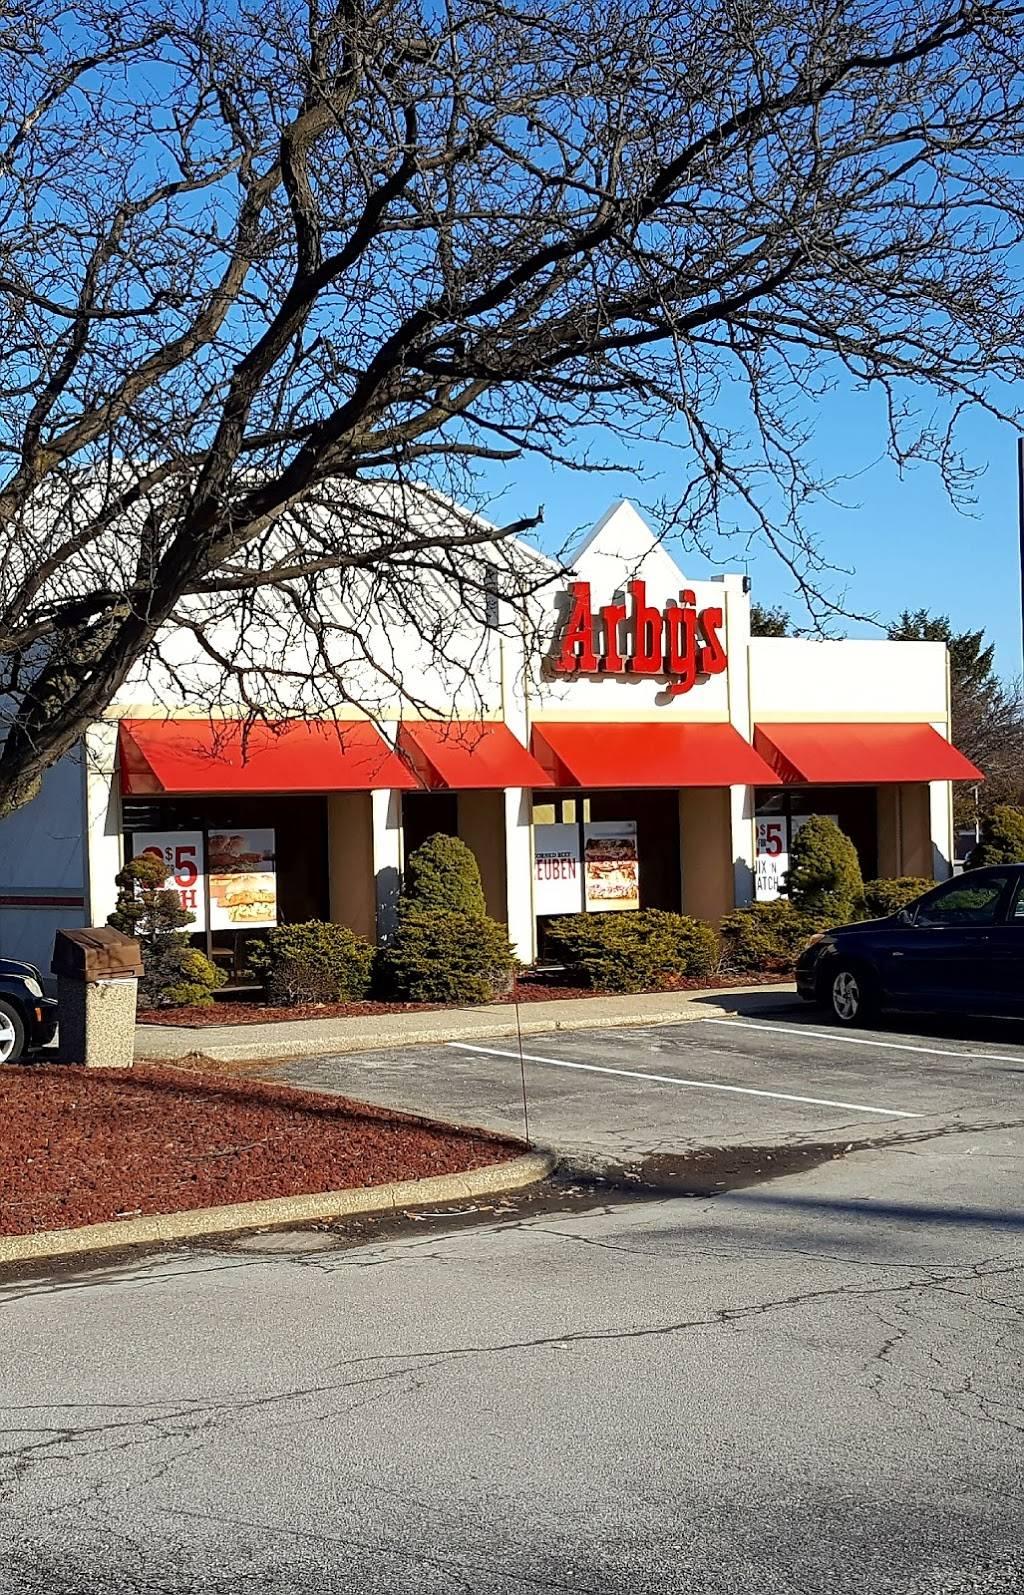 Arbys | restaurant | 3908 Milan Rd, Sandusky, OH 44870, USA | 4196258125 OR +1 419-625-8125